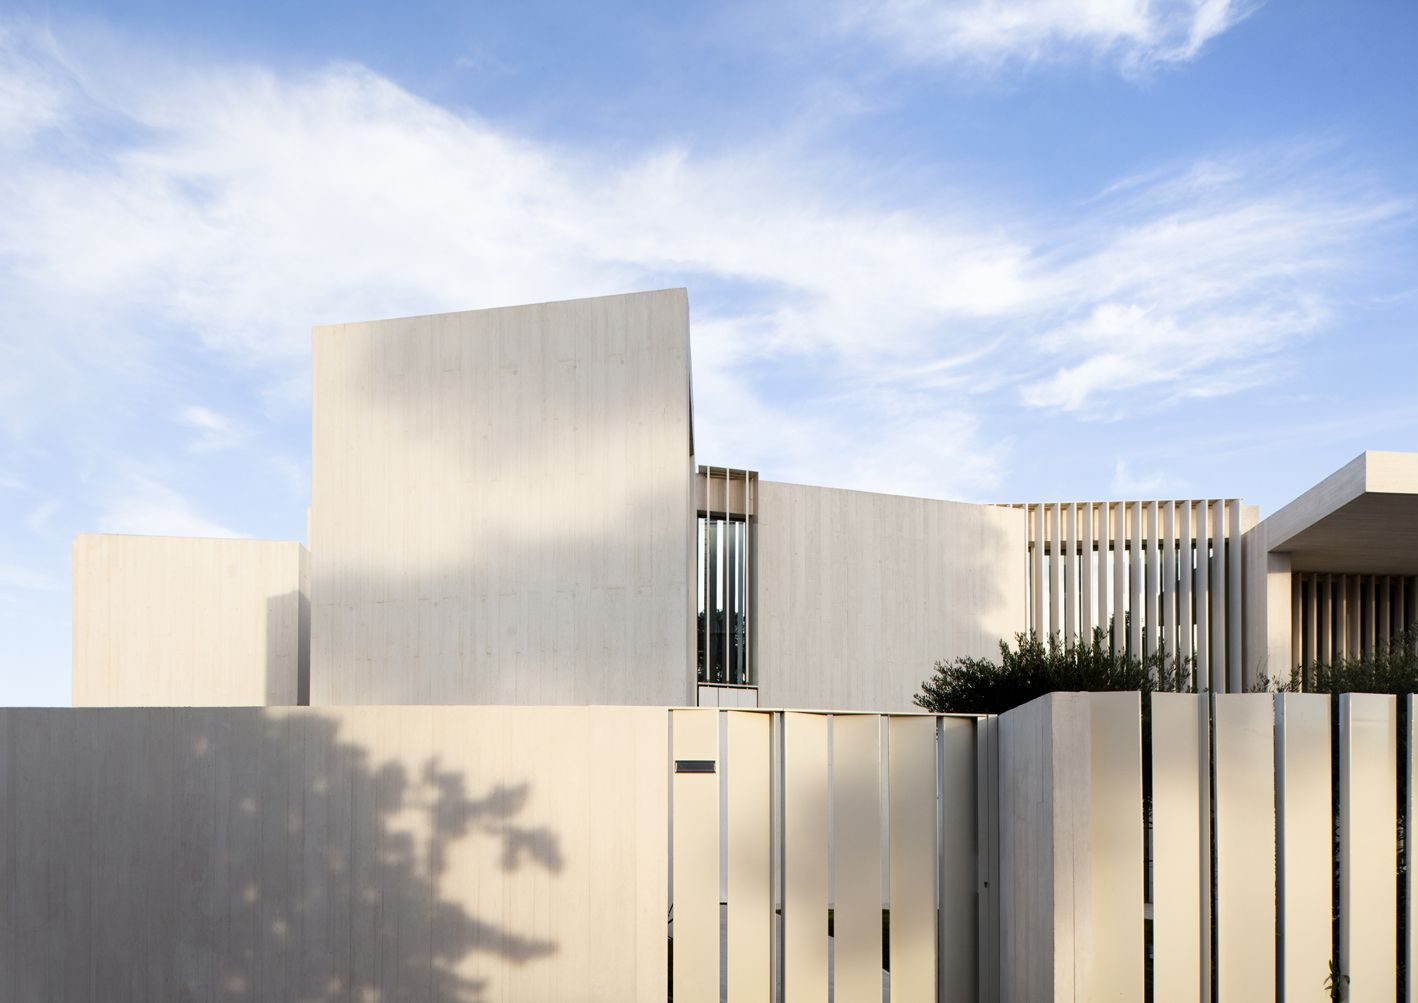 la casa sardinera ubicada en un privilegiado enclave de la costa alicantina se distingue por la arquitectura minimalista de su autor ramn esteve - Ramon Esteve Arquitecto